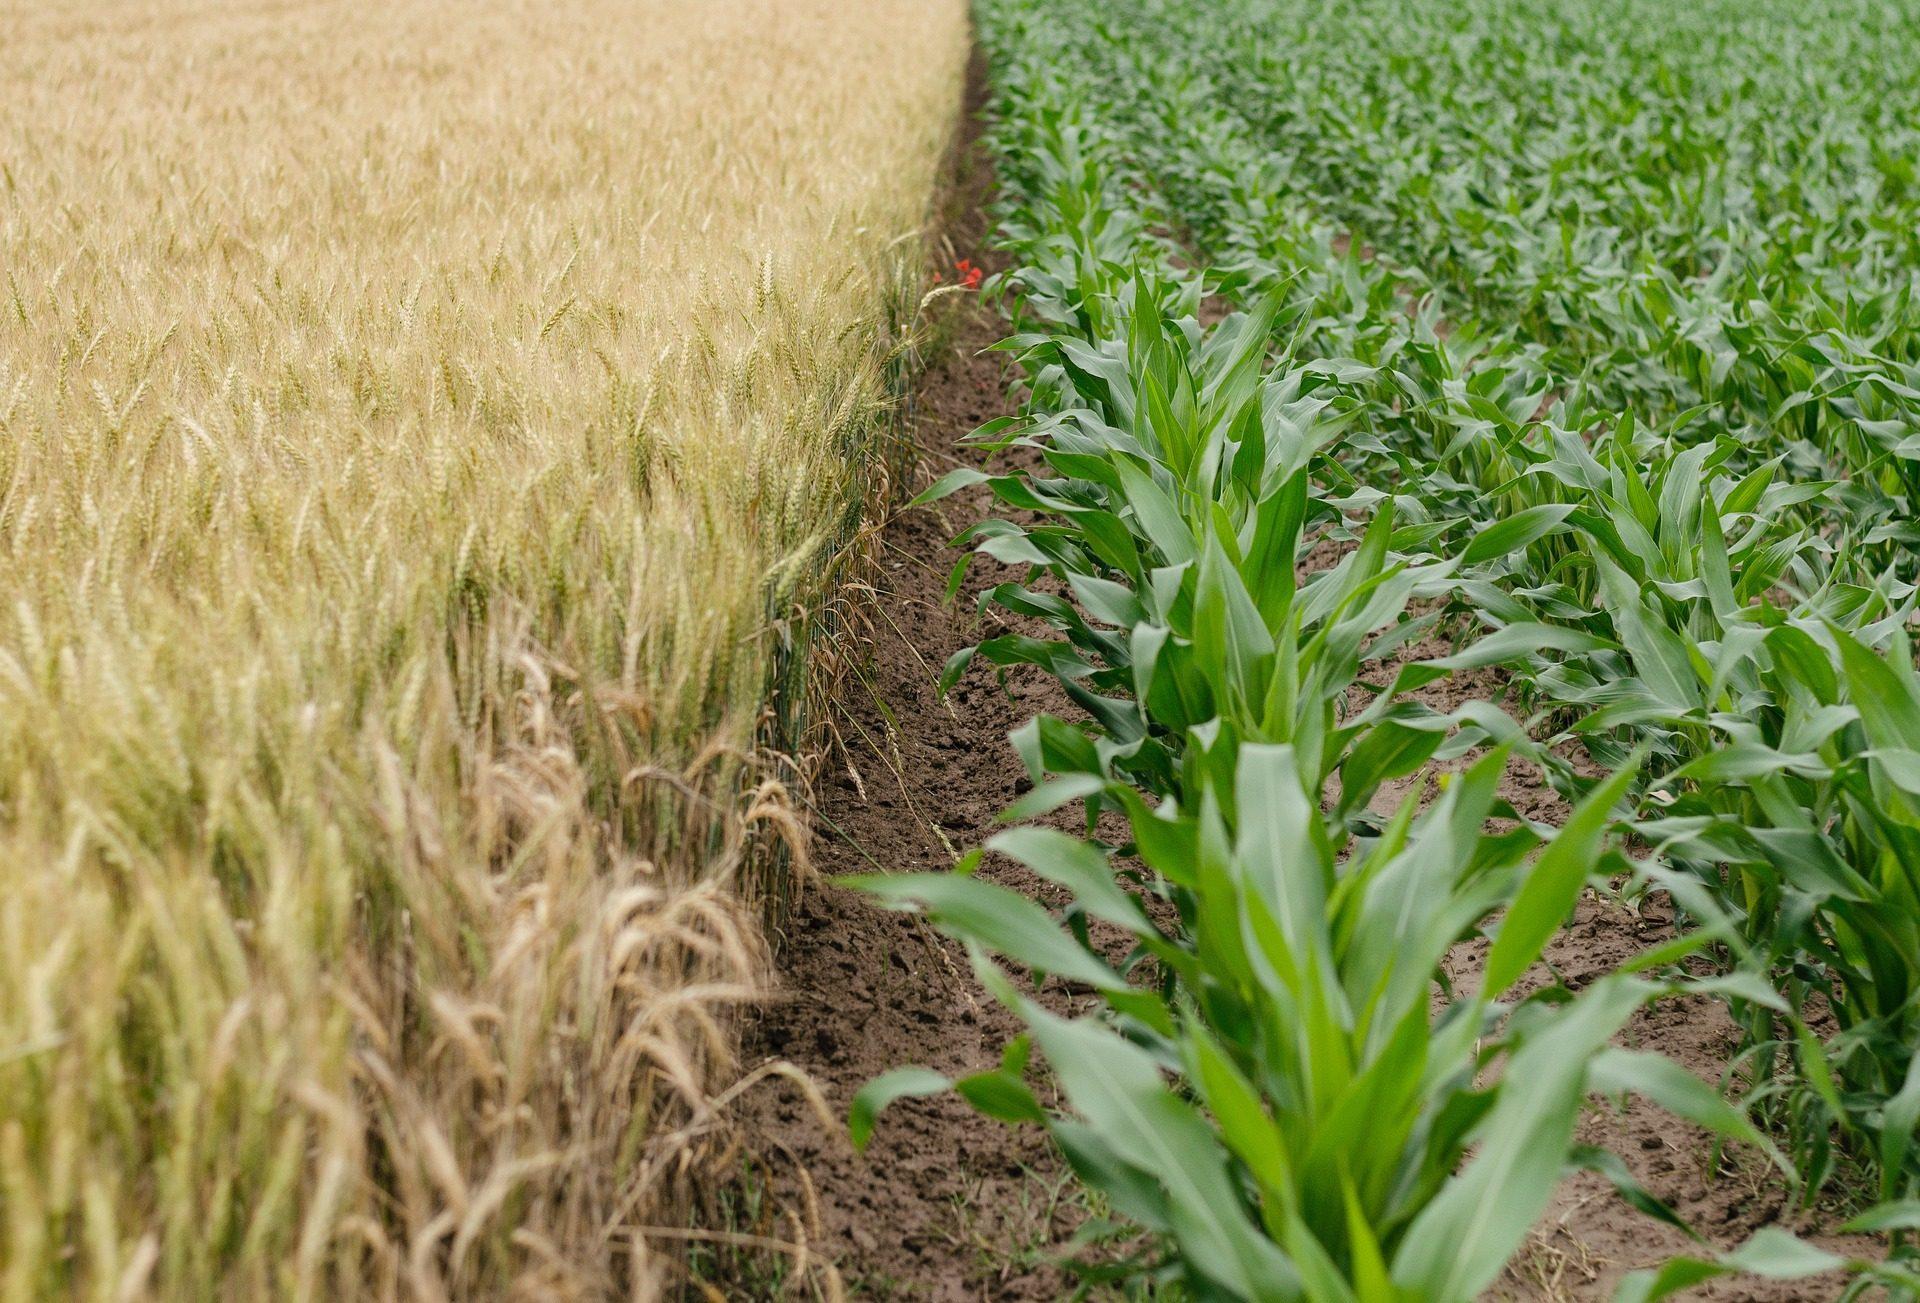 plantación, agricultura, arroz, maiz, plantas, campos - Fondos de Pantalla HD - professor-falken.com